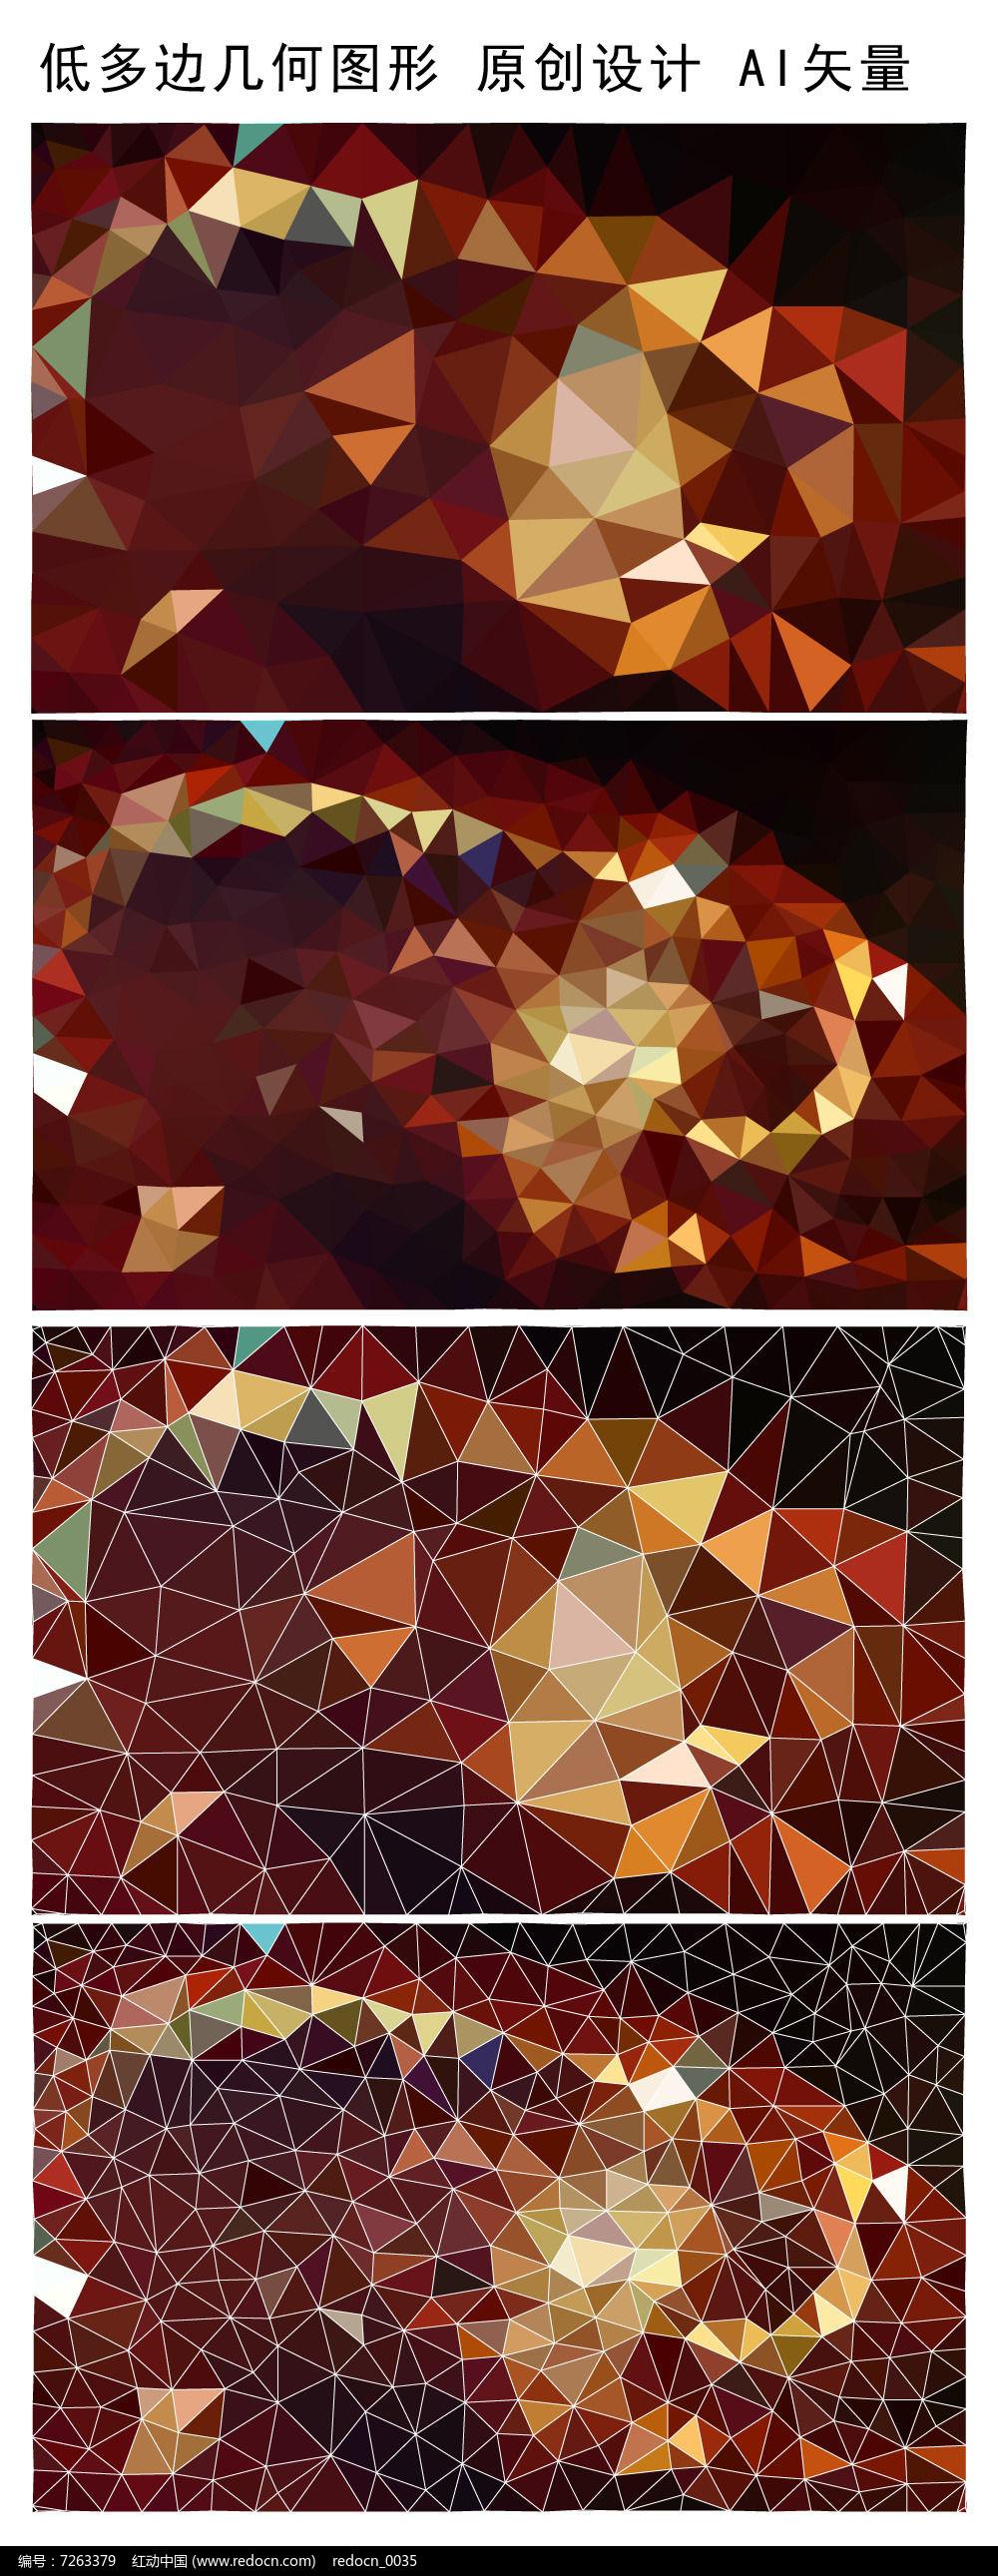 咖色低多边形抽象图案图片